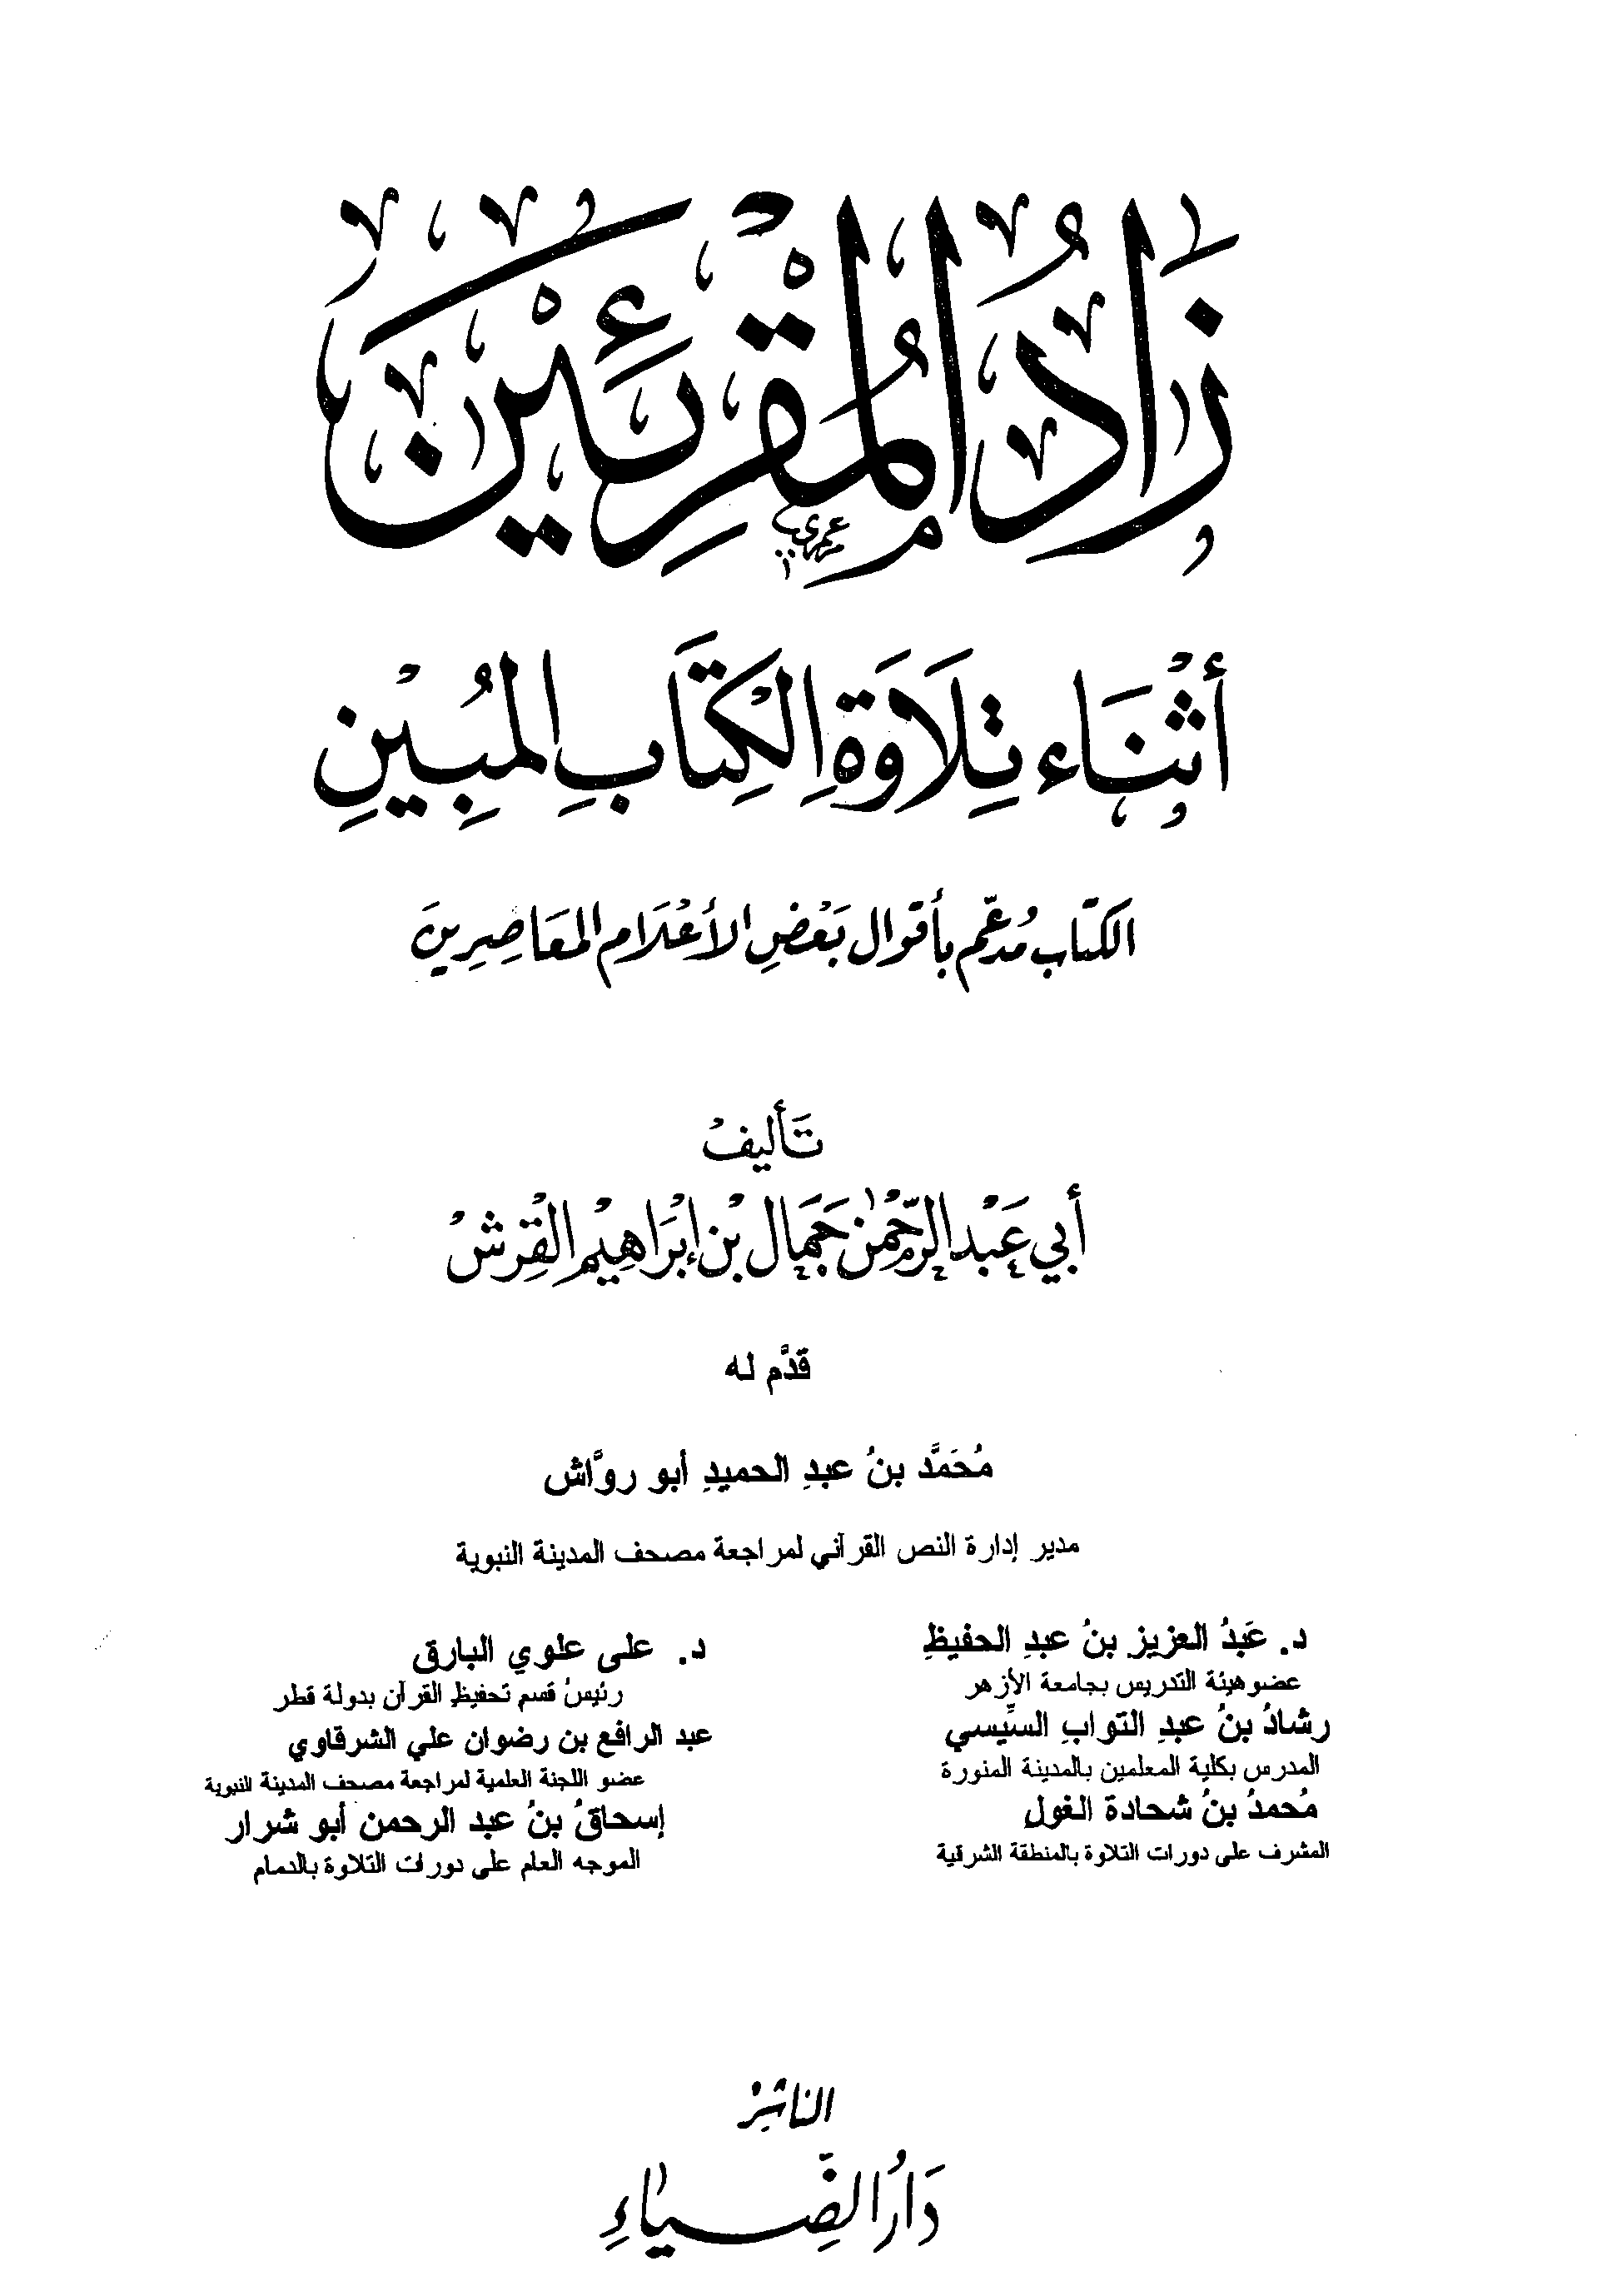 تحميل كتاب زاد المقرئين أثناء تلاوة الكتاب المبين لـِ: الشيخ أبو عبد الرحمن جمال بن إبراهيم القرش